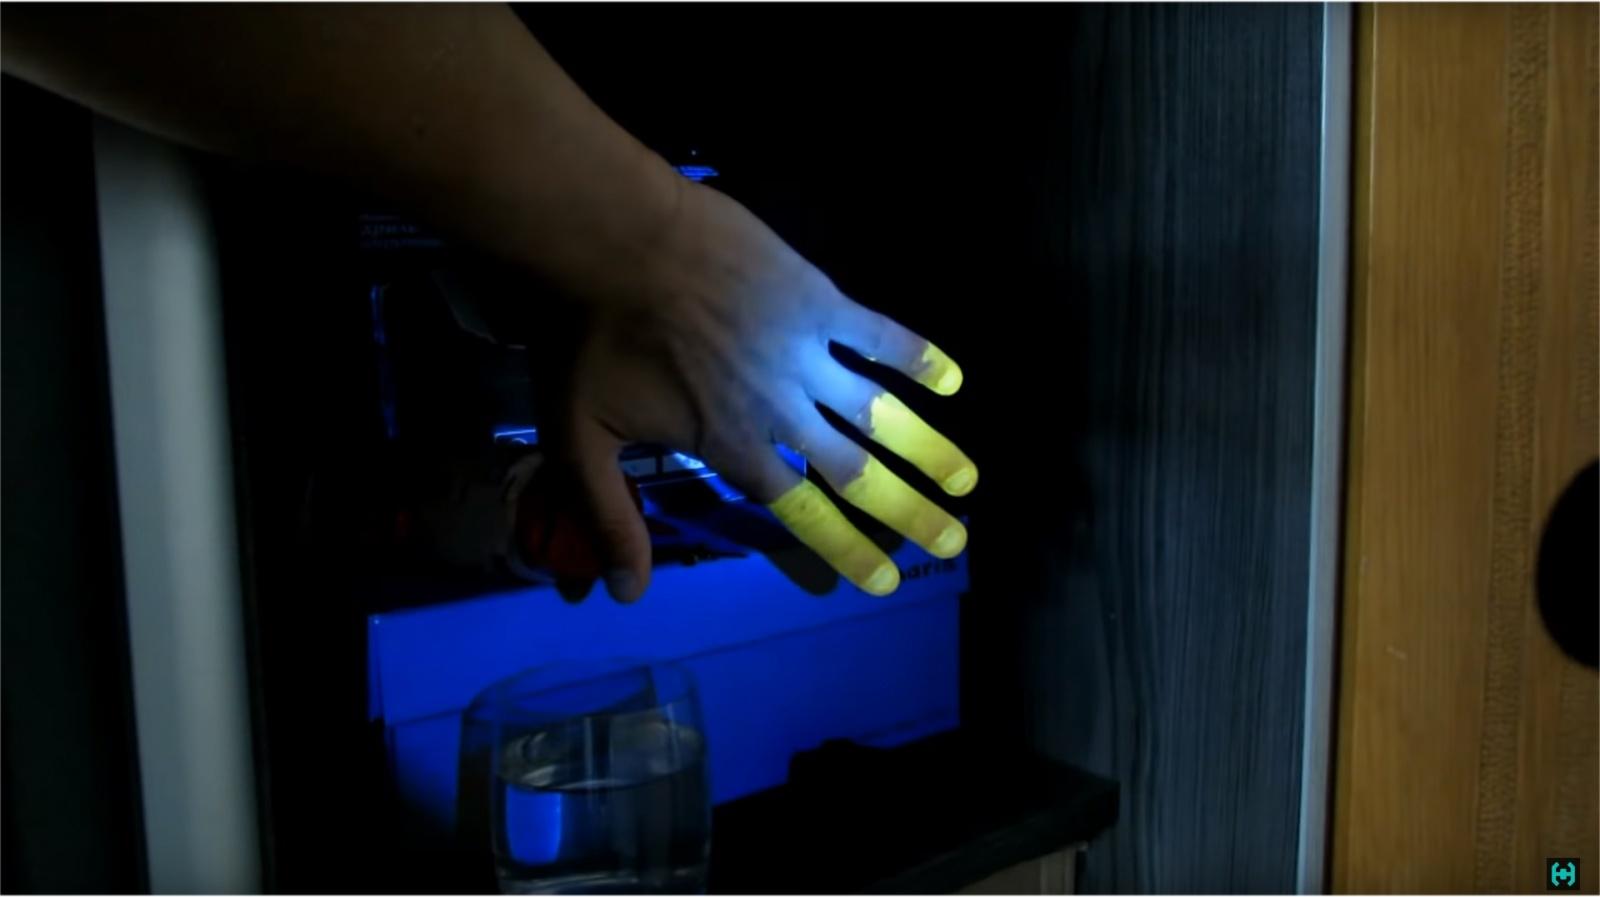 Ультрафиолет на двух пальцах - 21